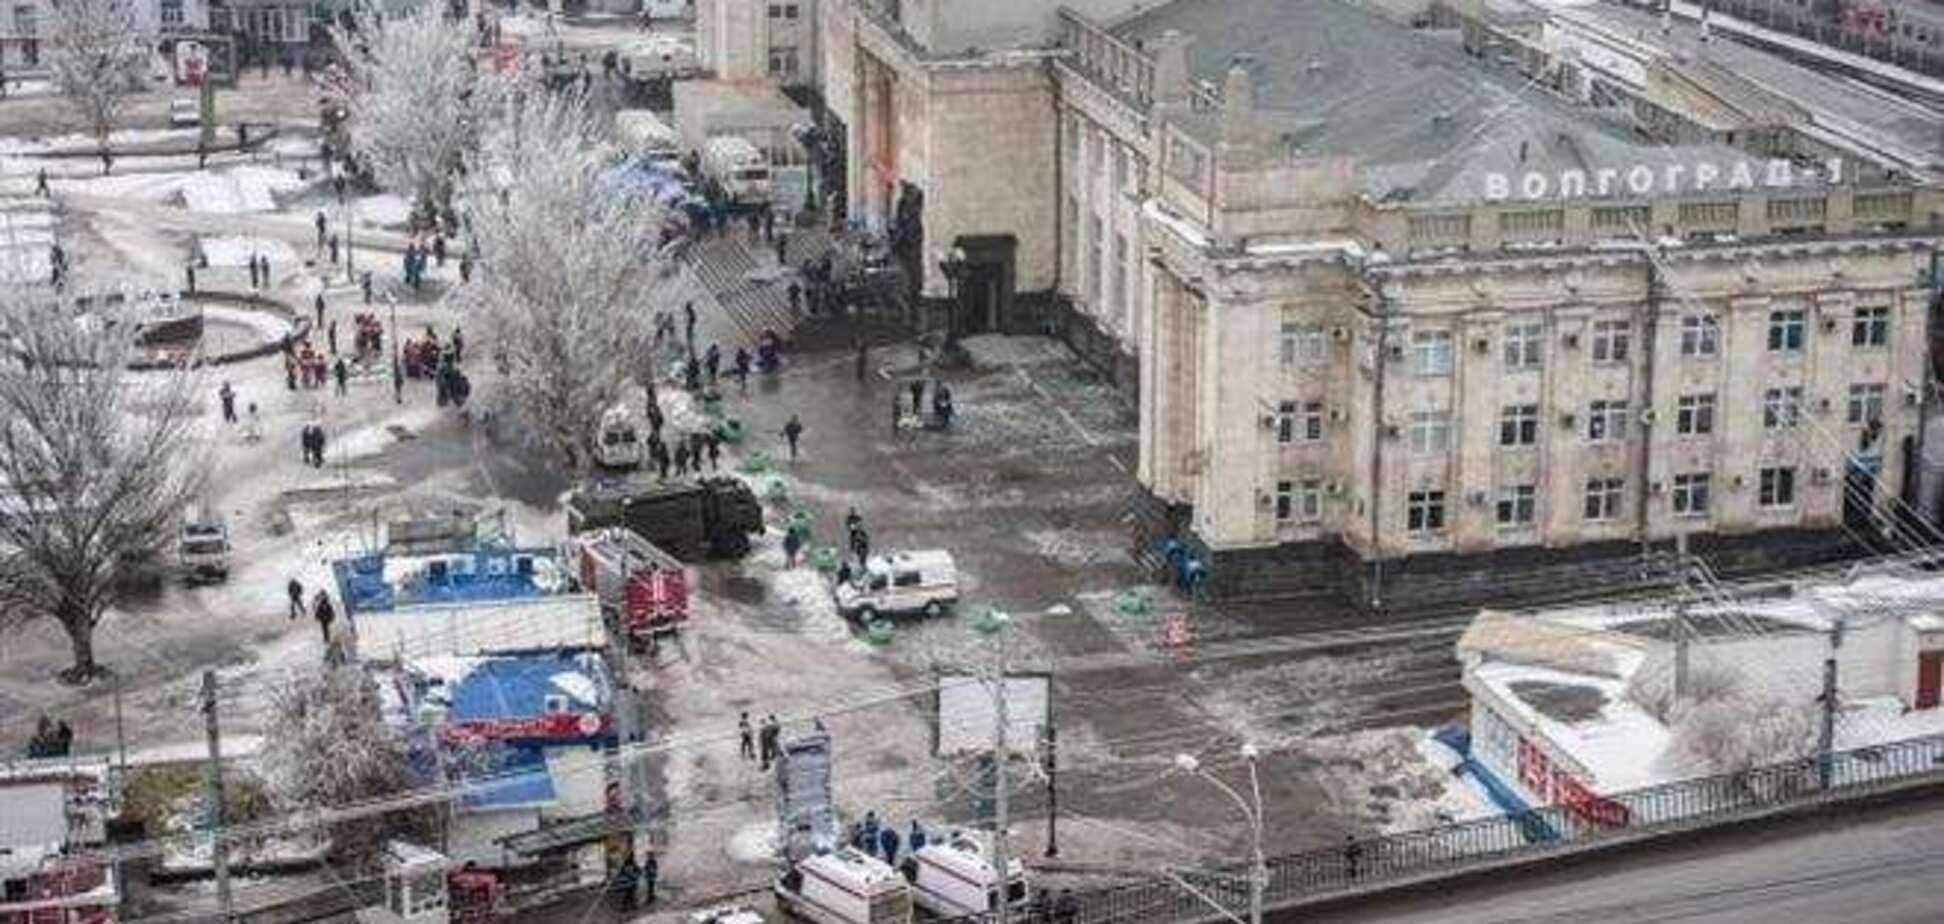 Теракт в Волгограде могли совершить двое смертников – источник